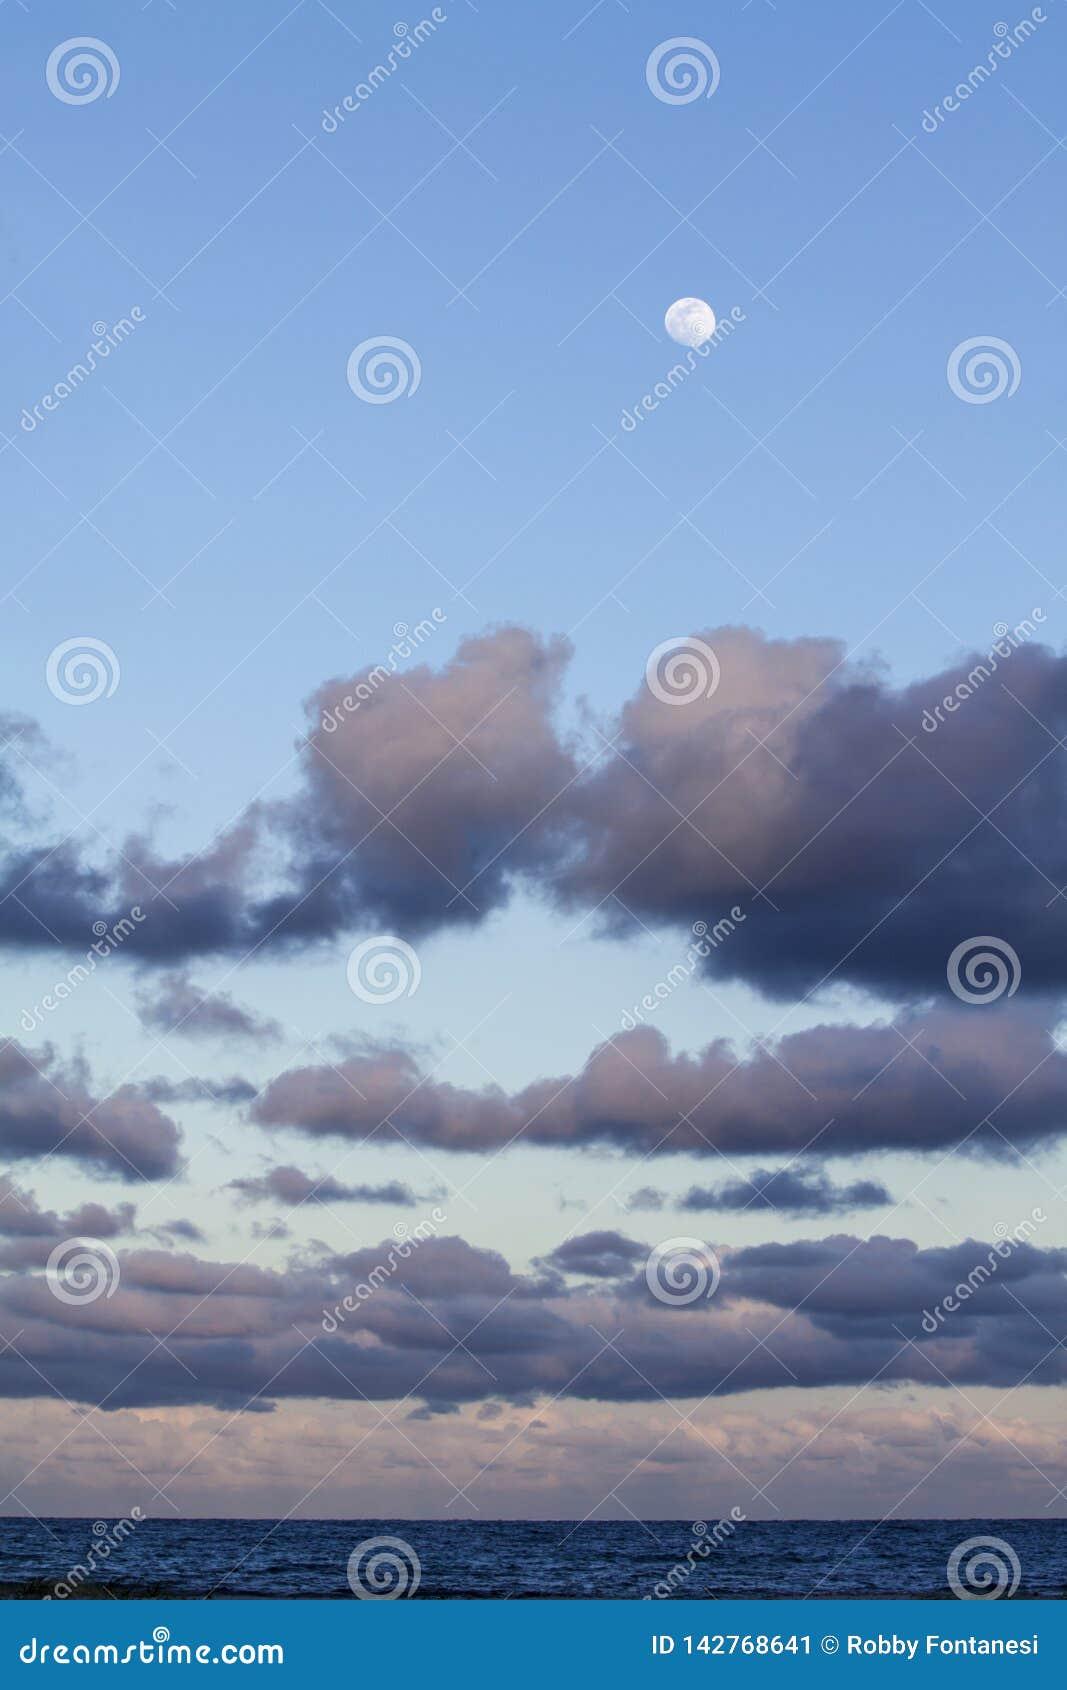 Indrukwekkende die hemel bij zonsondergang met een volle maan boven en lagen wolken met roze worden getint die neer aan de horizo